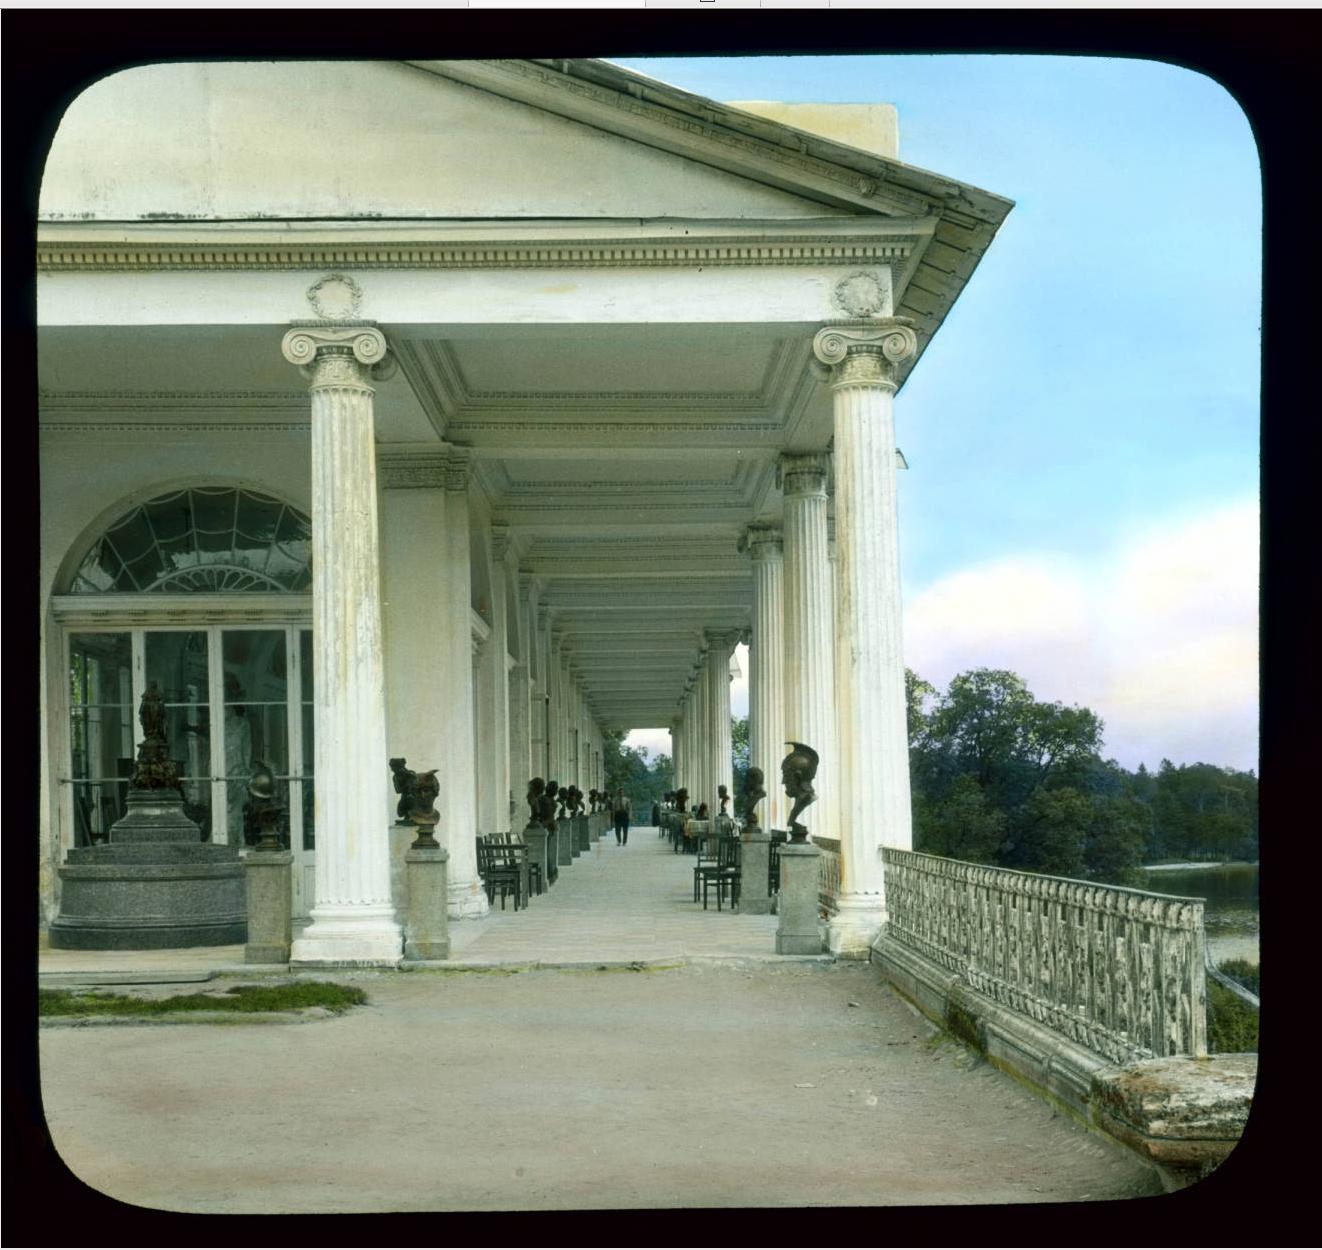 Пушкин (Царское Село). Екатерининский дворец: вид на парк и галерею Кэмерона